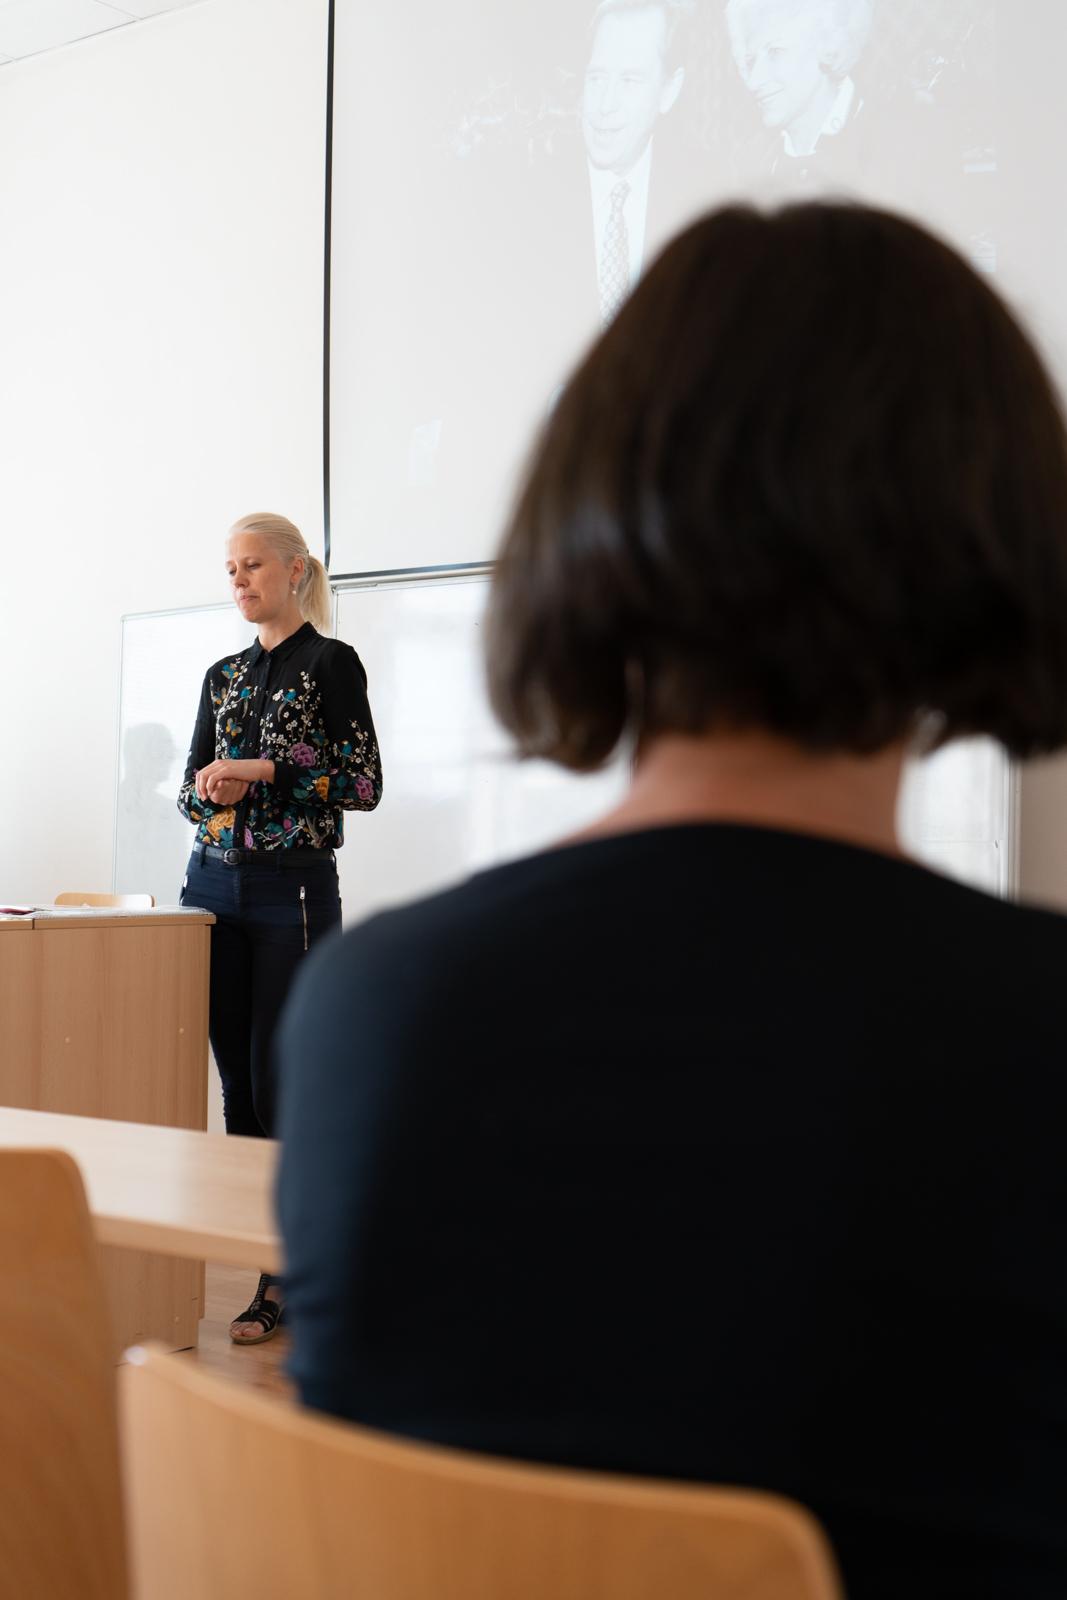 MGR. Monika Granja, ředitelka Výboru dobré vůle – Nadace Olgy Havlové<br>3. 9. 2020